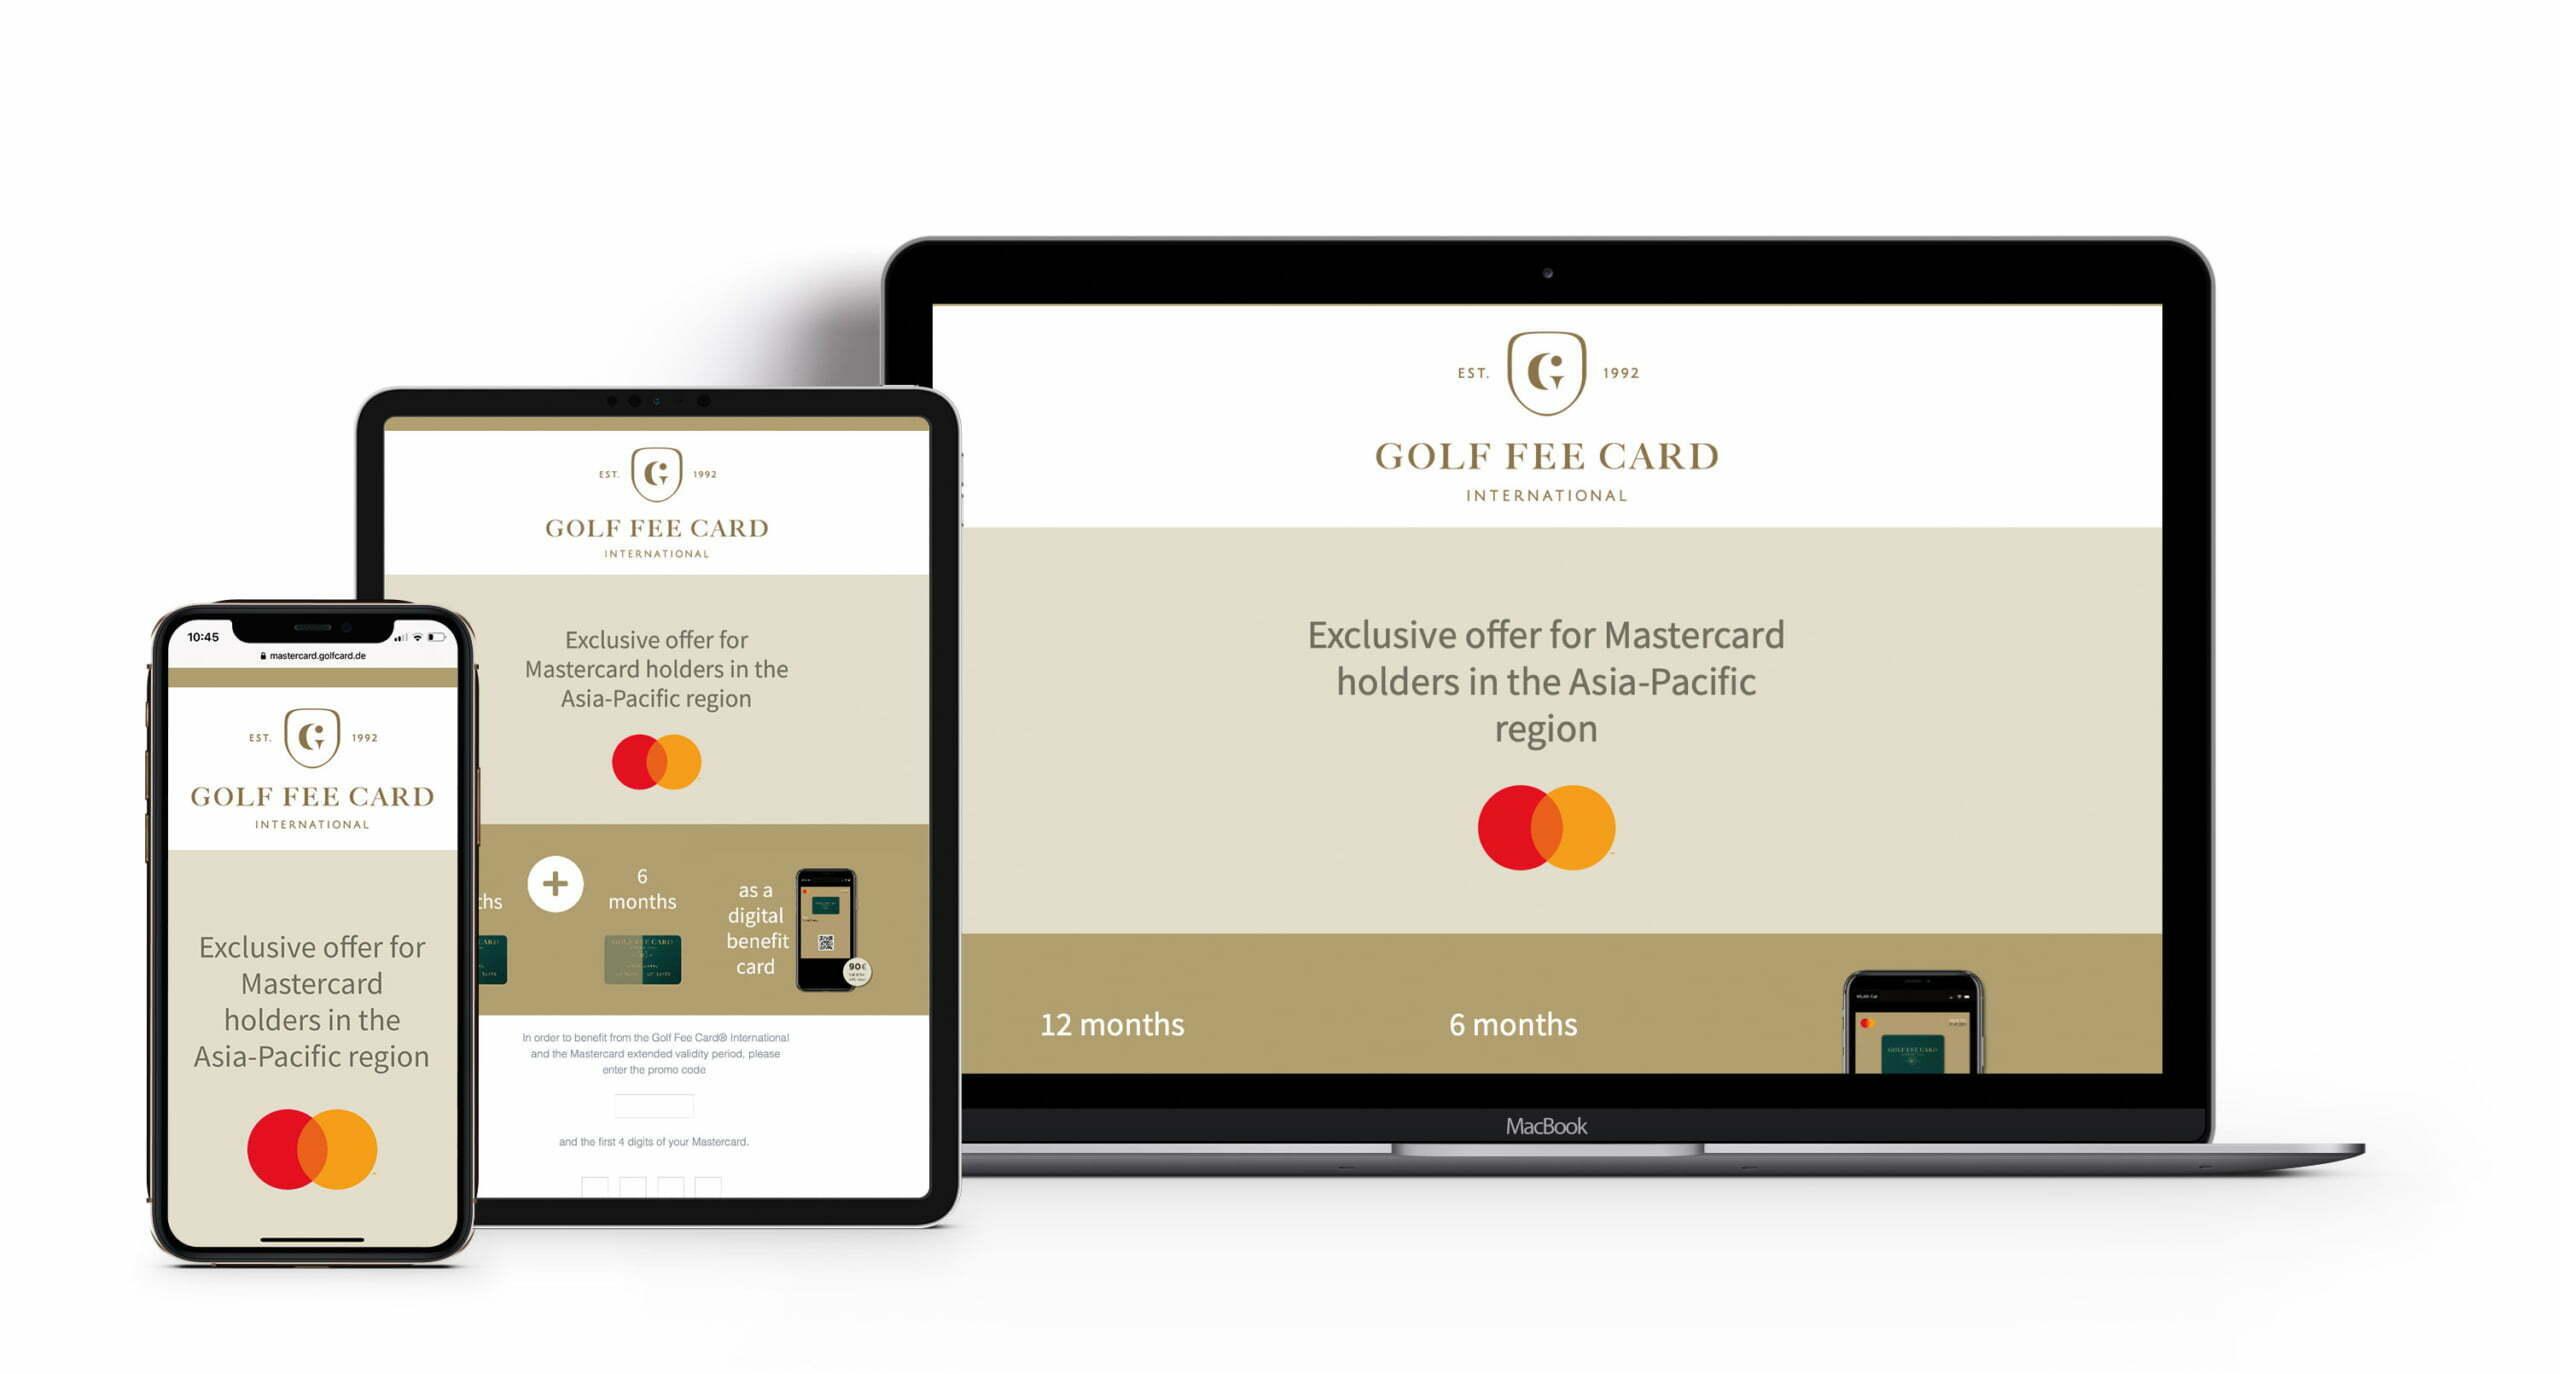 Bottega Design Referenz Illustration Webseite auf mobilen Endgeräten für Mastercard Golf Fee Card